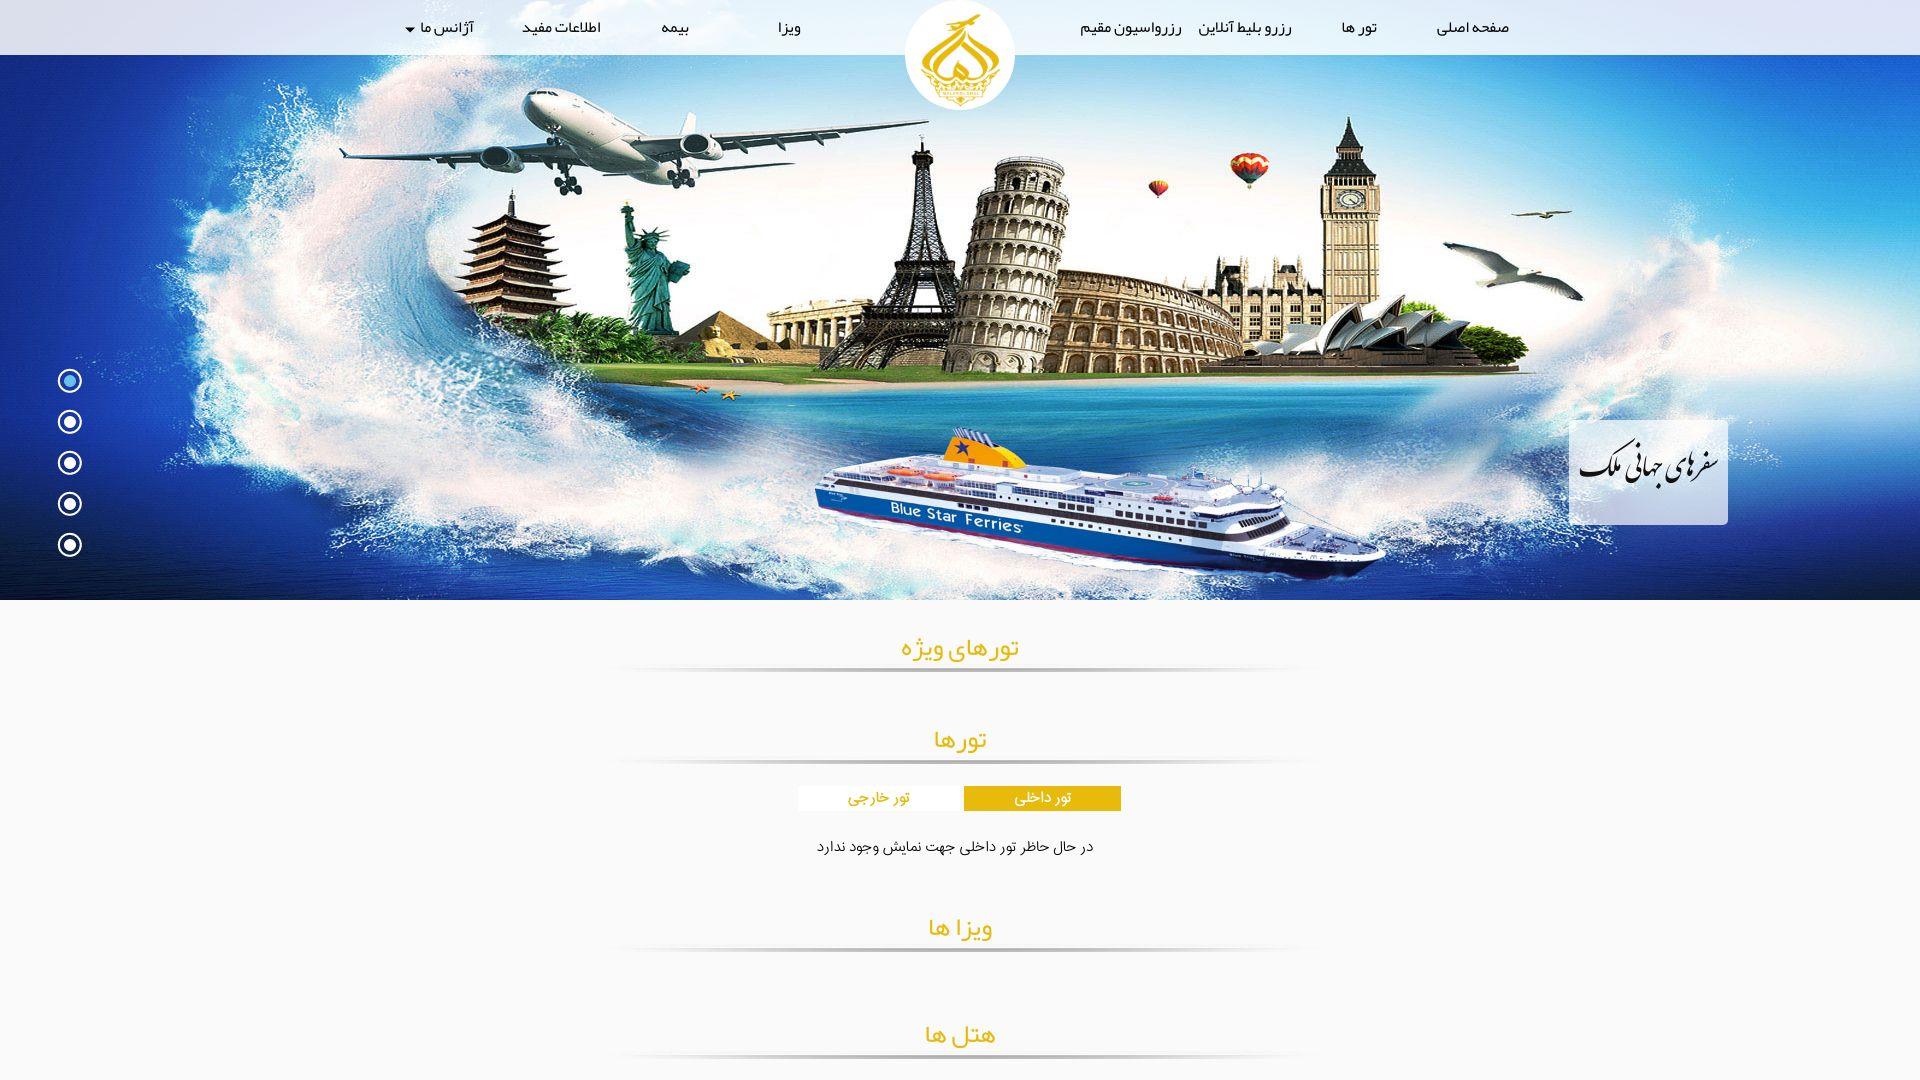 طراحی سايت آژانس مسافرتی سفرهای جهانی ملک